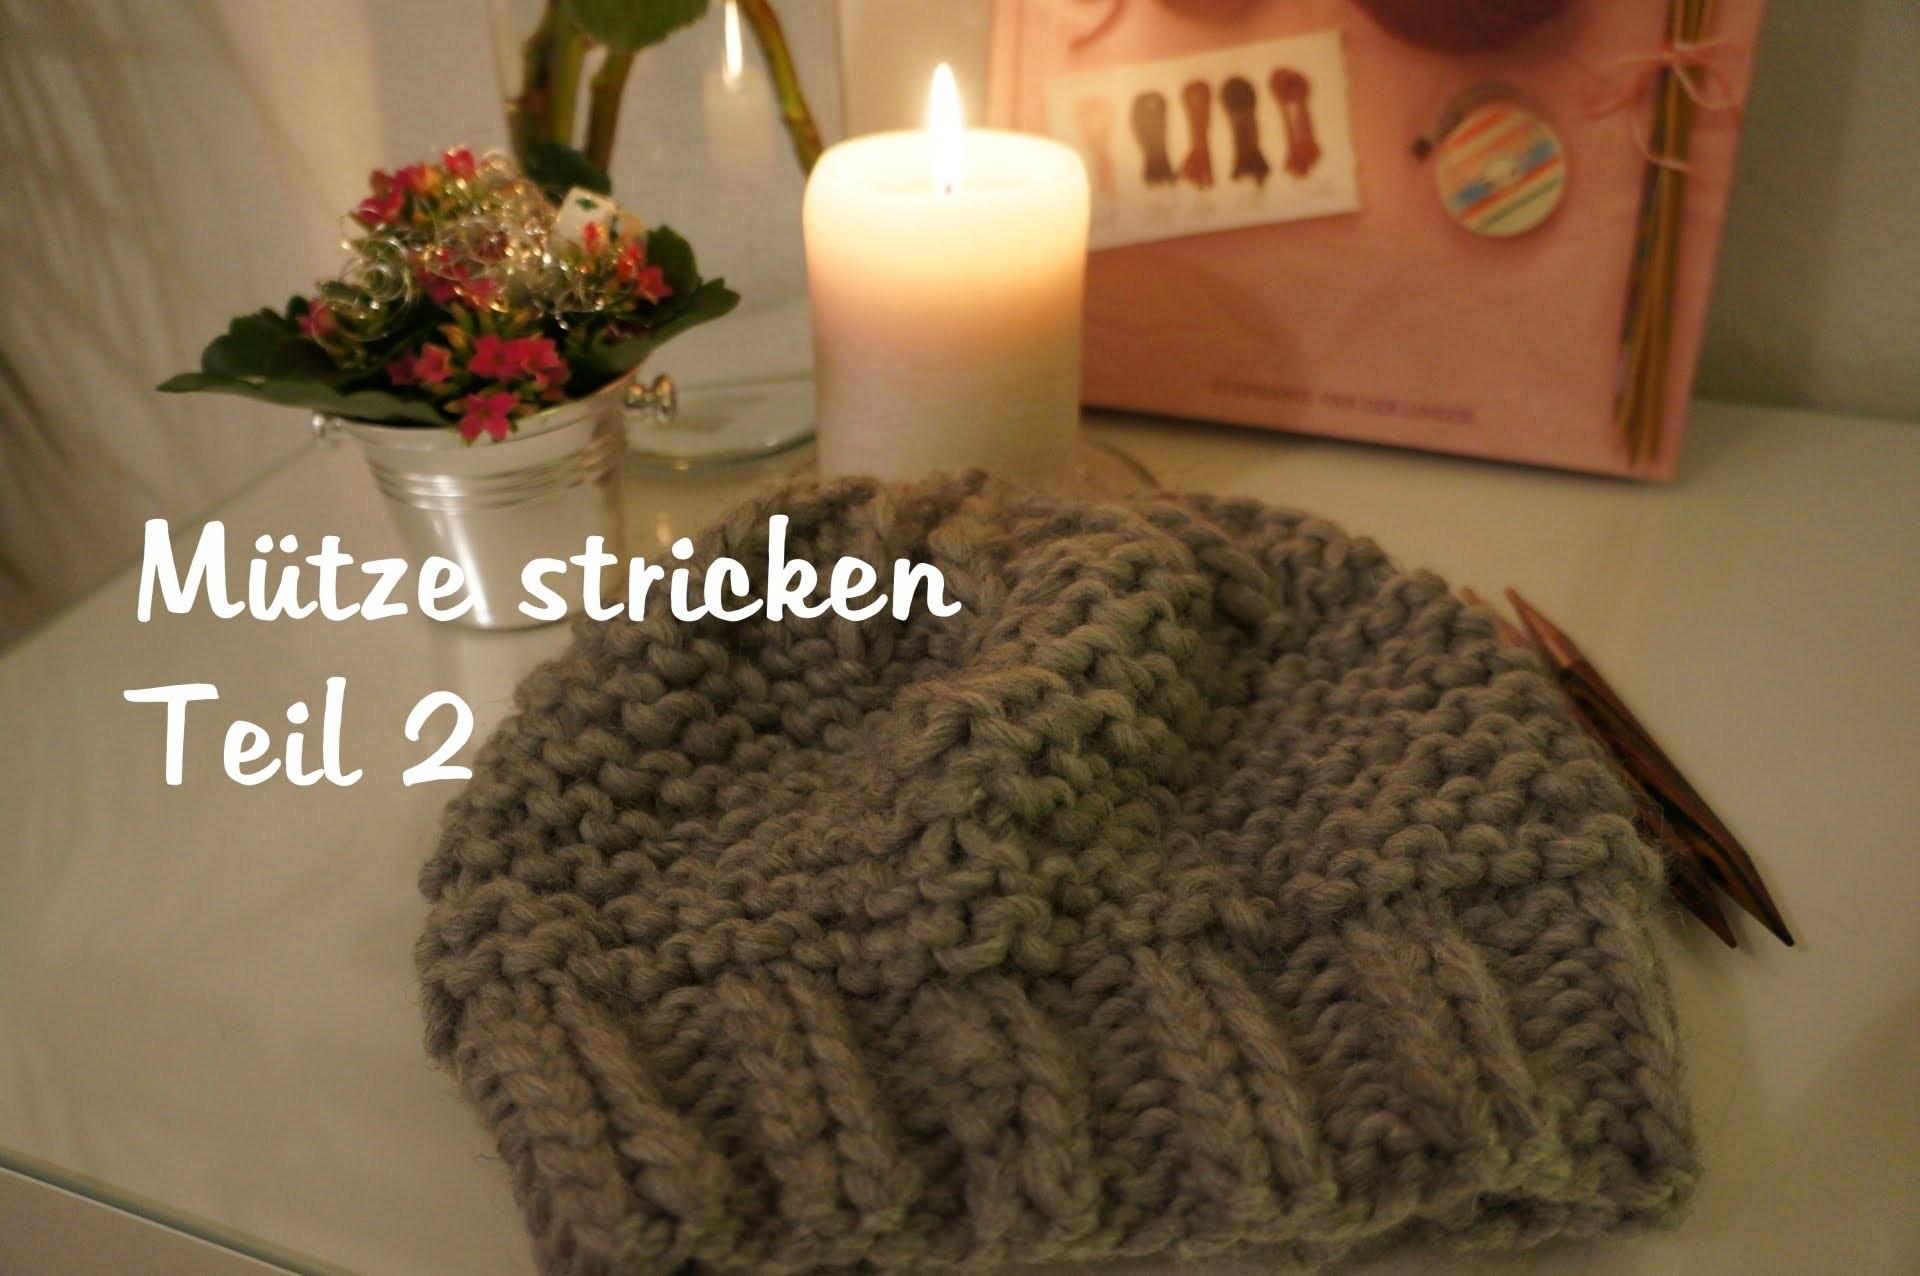 Mütze stricken - auch für Anfänger TEIL 2 (deutsch) [HD]